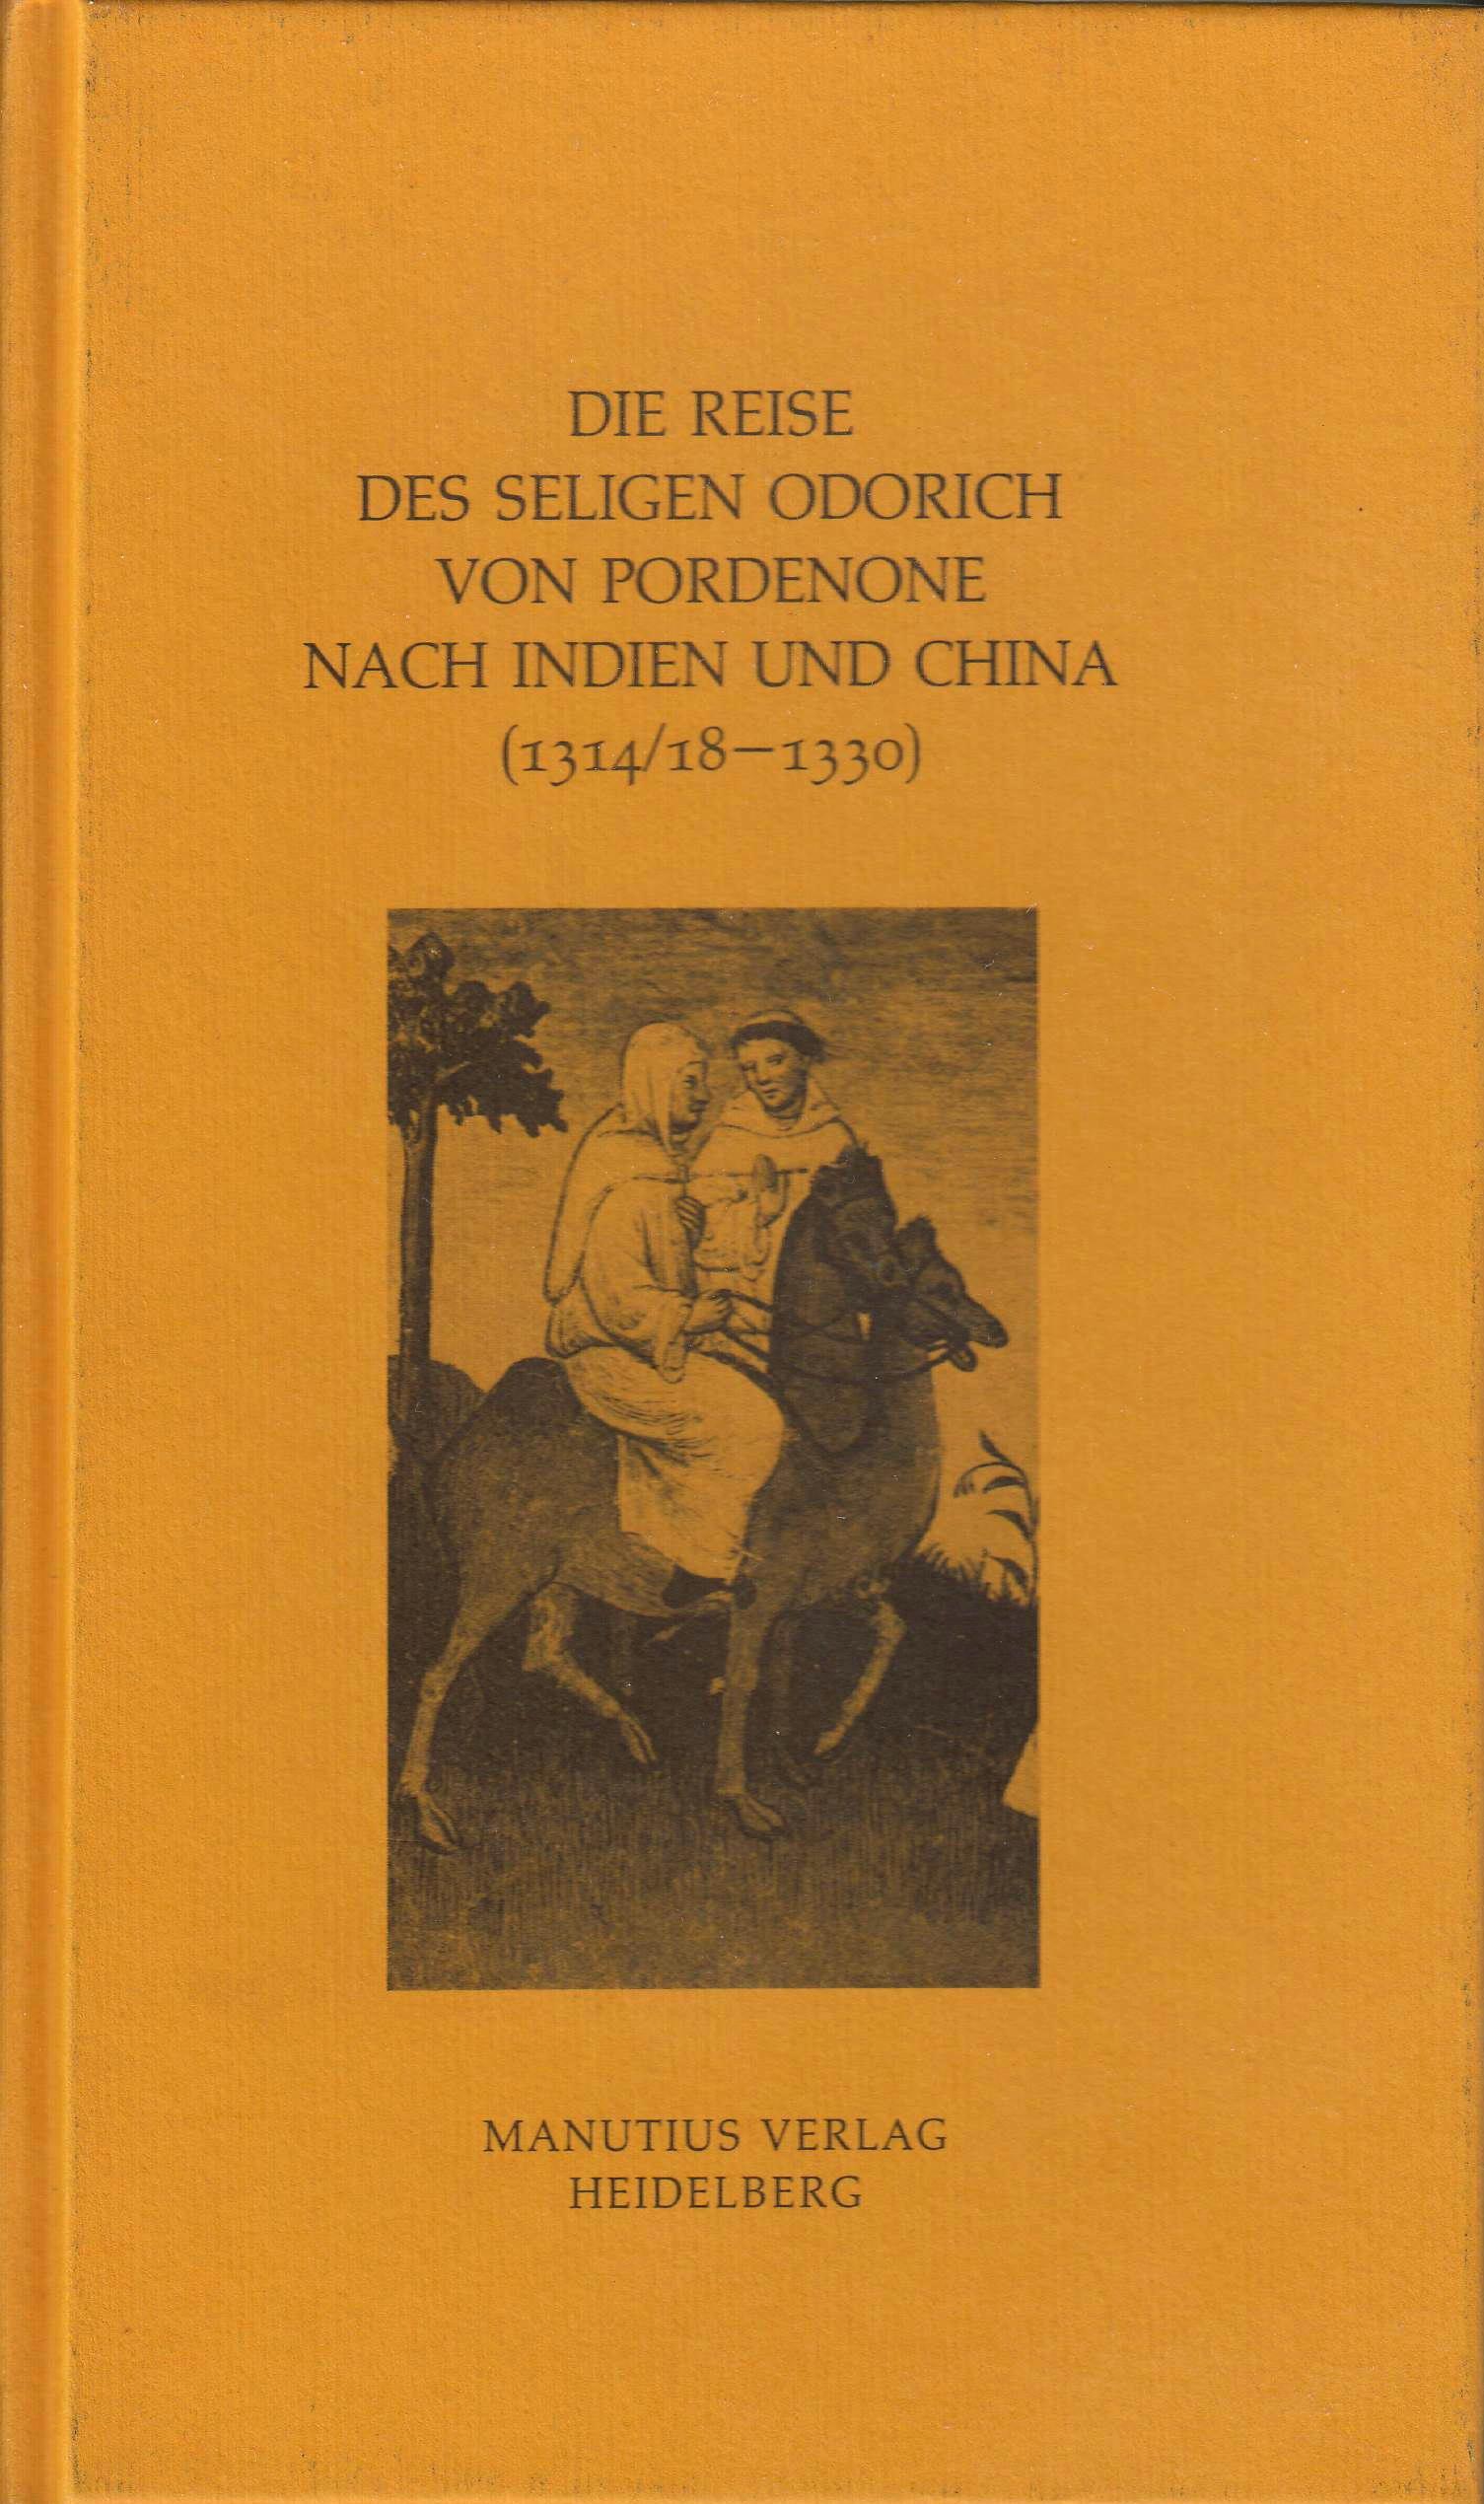 Die Reise des seligen Odorich von Pordenone nach Indien und China (1314/18 - 1330)